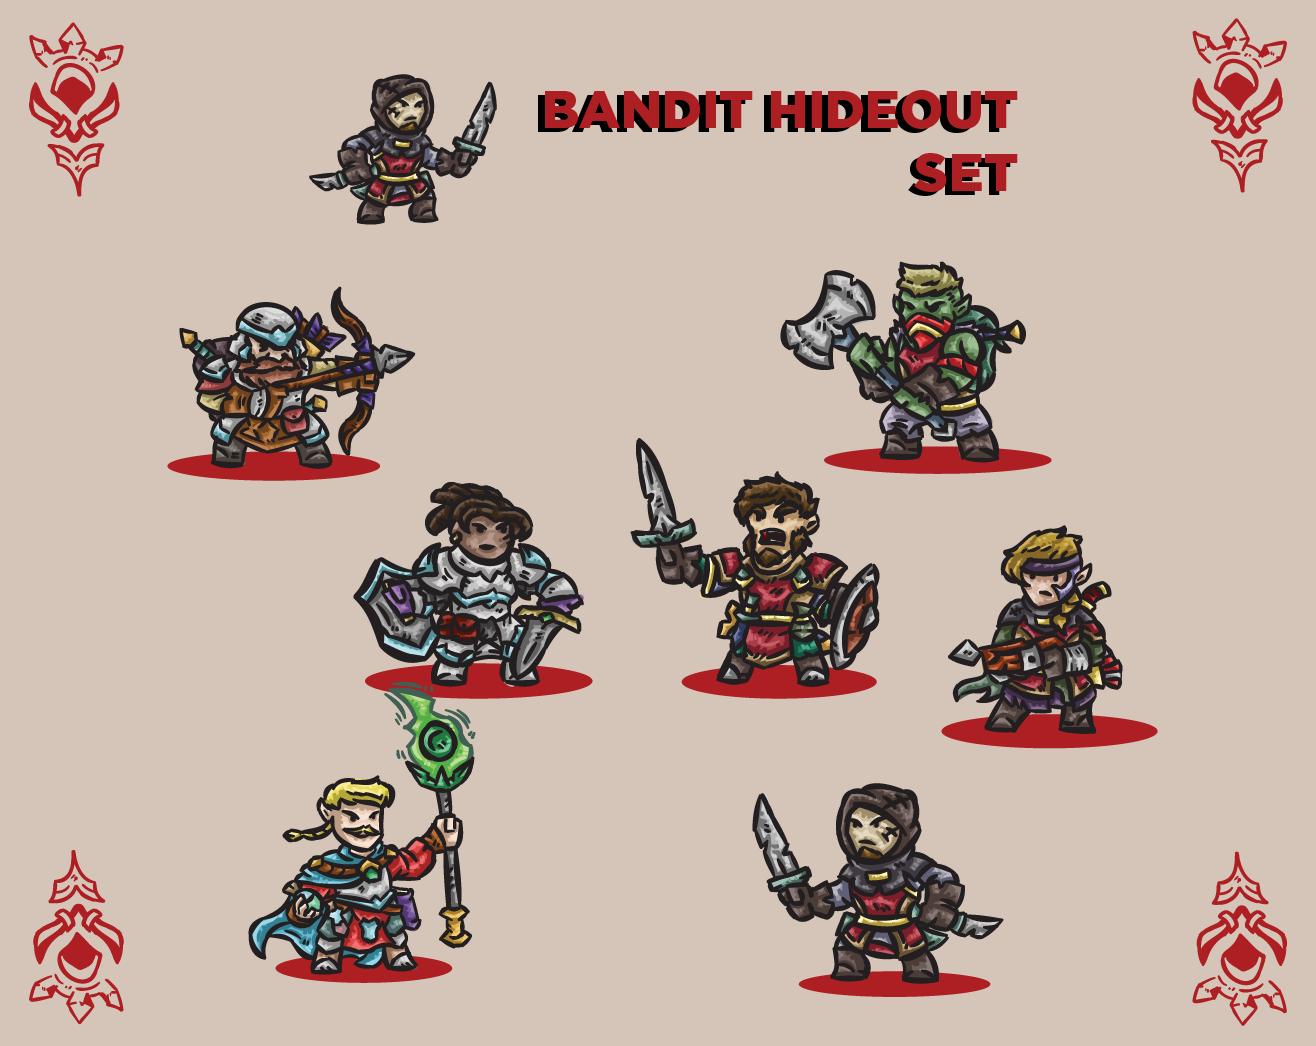 Bandit Hideout Paper Miniatures Set